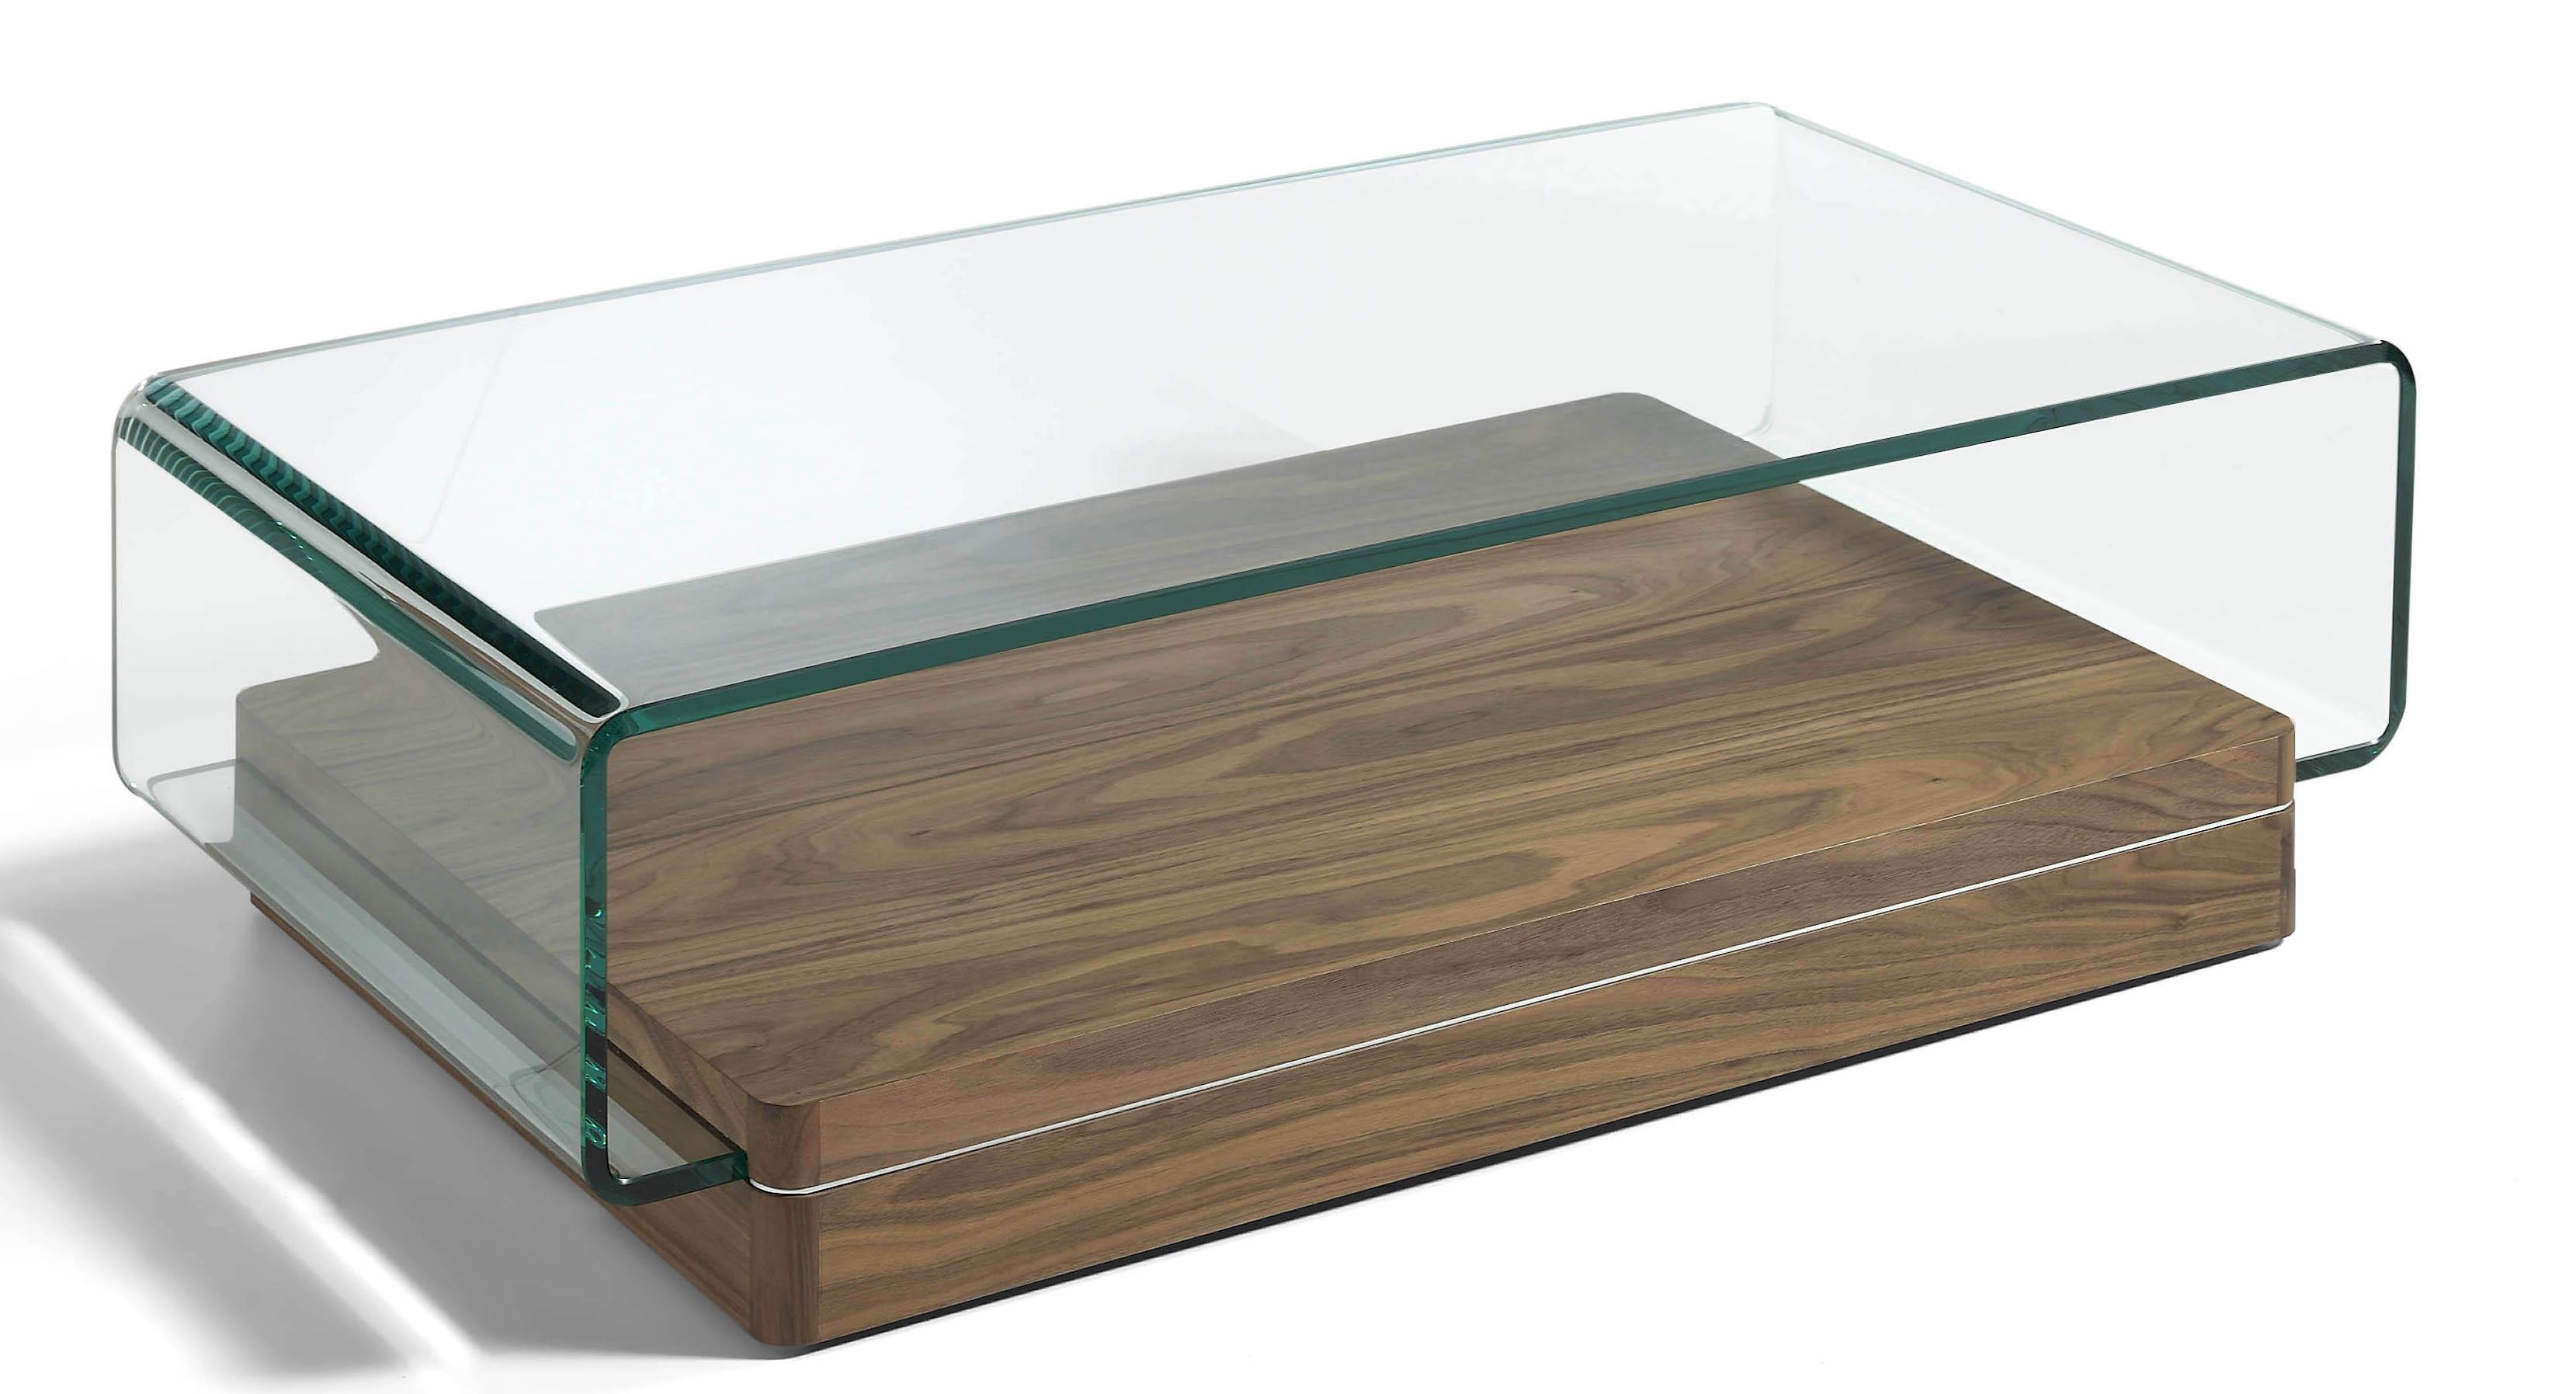 Table basse contemporaine bois plaqu noyer et verre - Table basse bois contemporaine ...